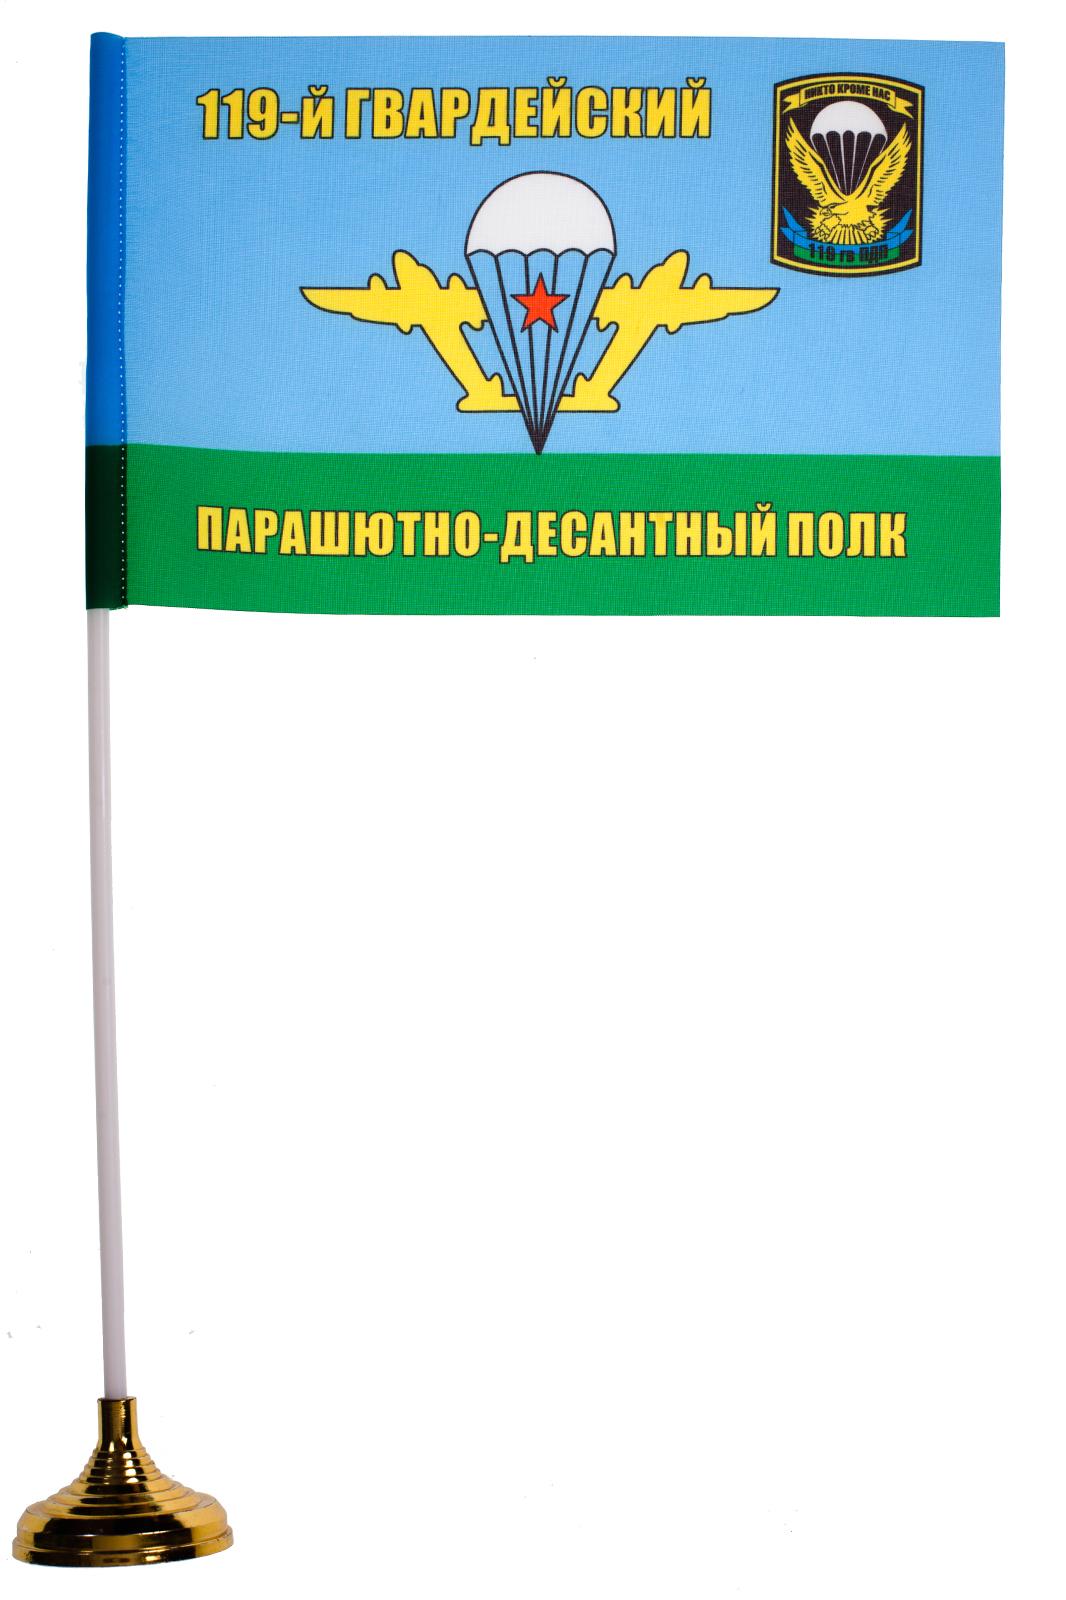 Настольный флажок «119 гв. ПДП ВДВ»